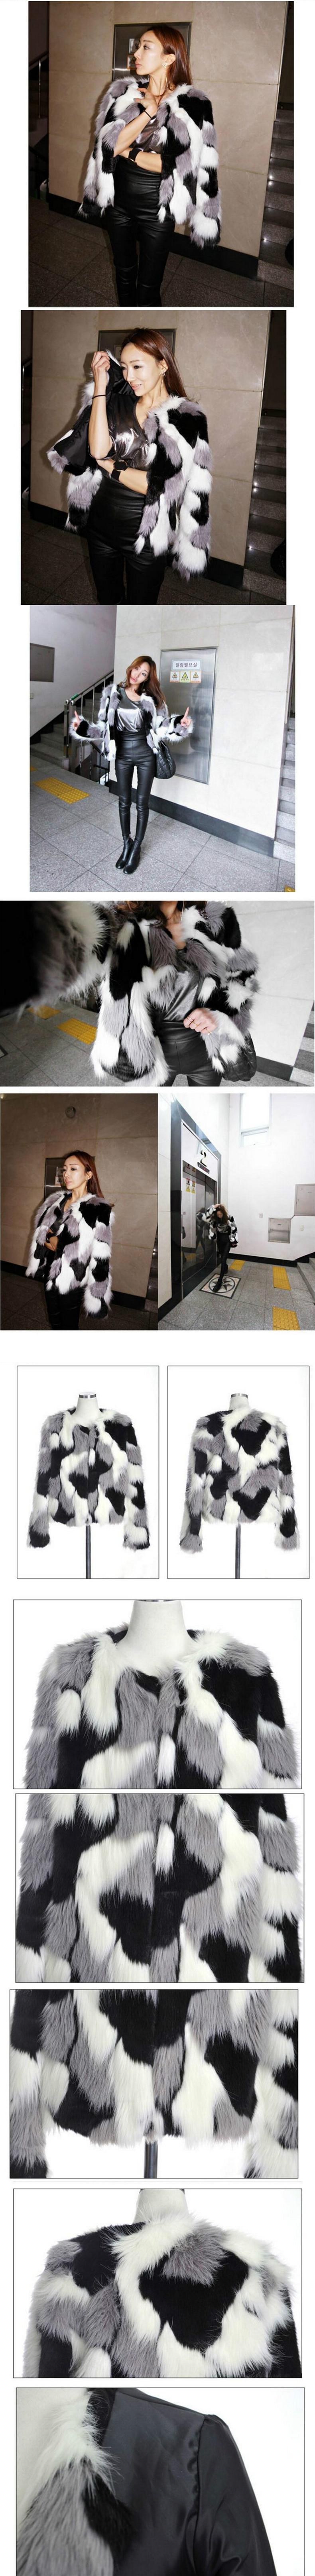 Women Mixed Color Man-Made Fur Jacket Casual Plus Size Faux Fur Coats Female Short Section Fur Outwear Casaco De Pele Falso Ck43 2